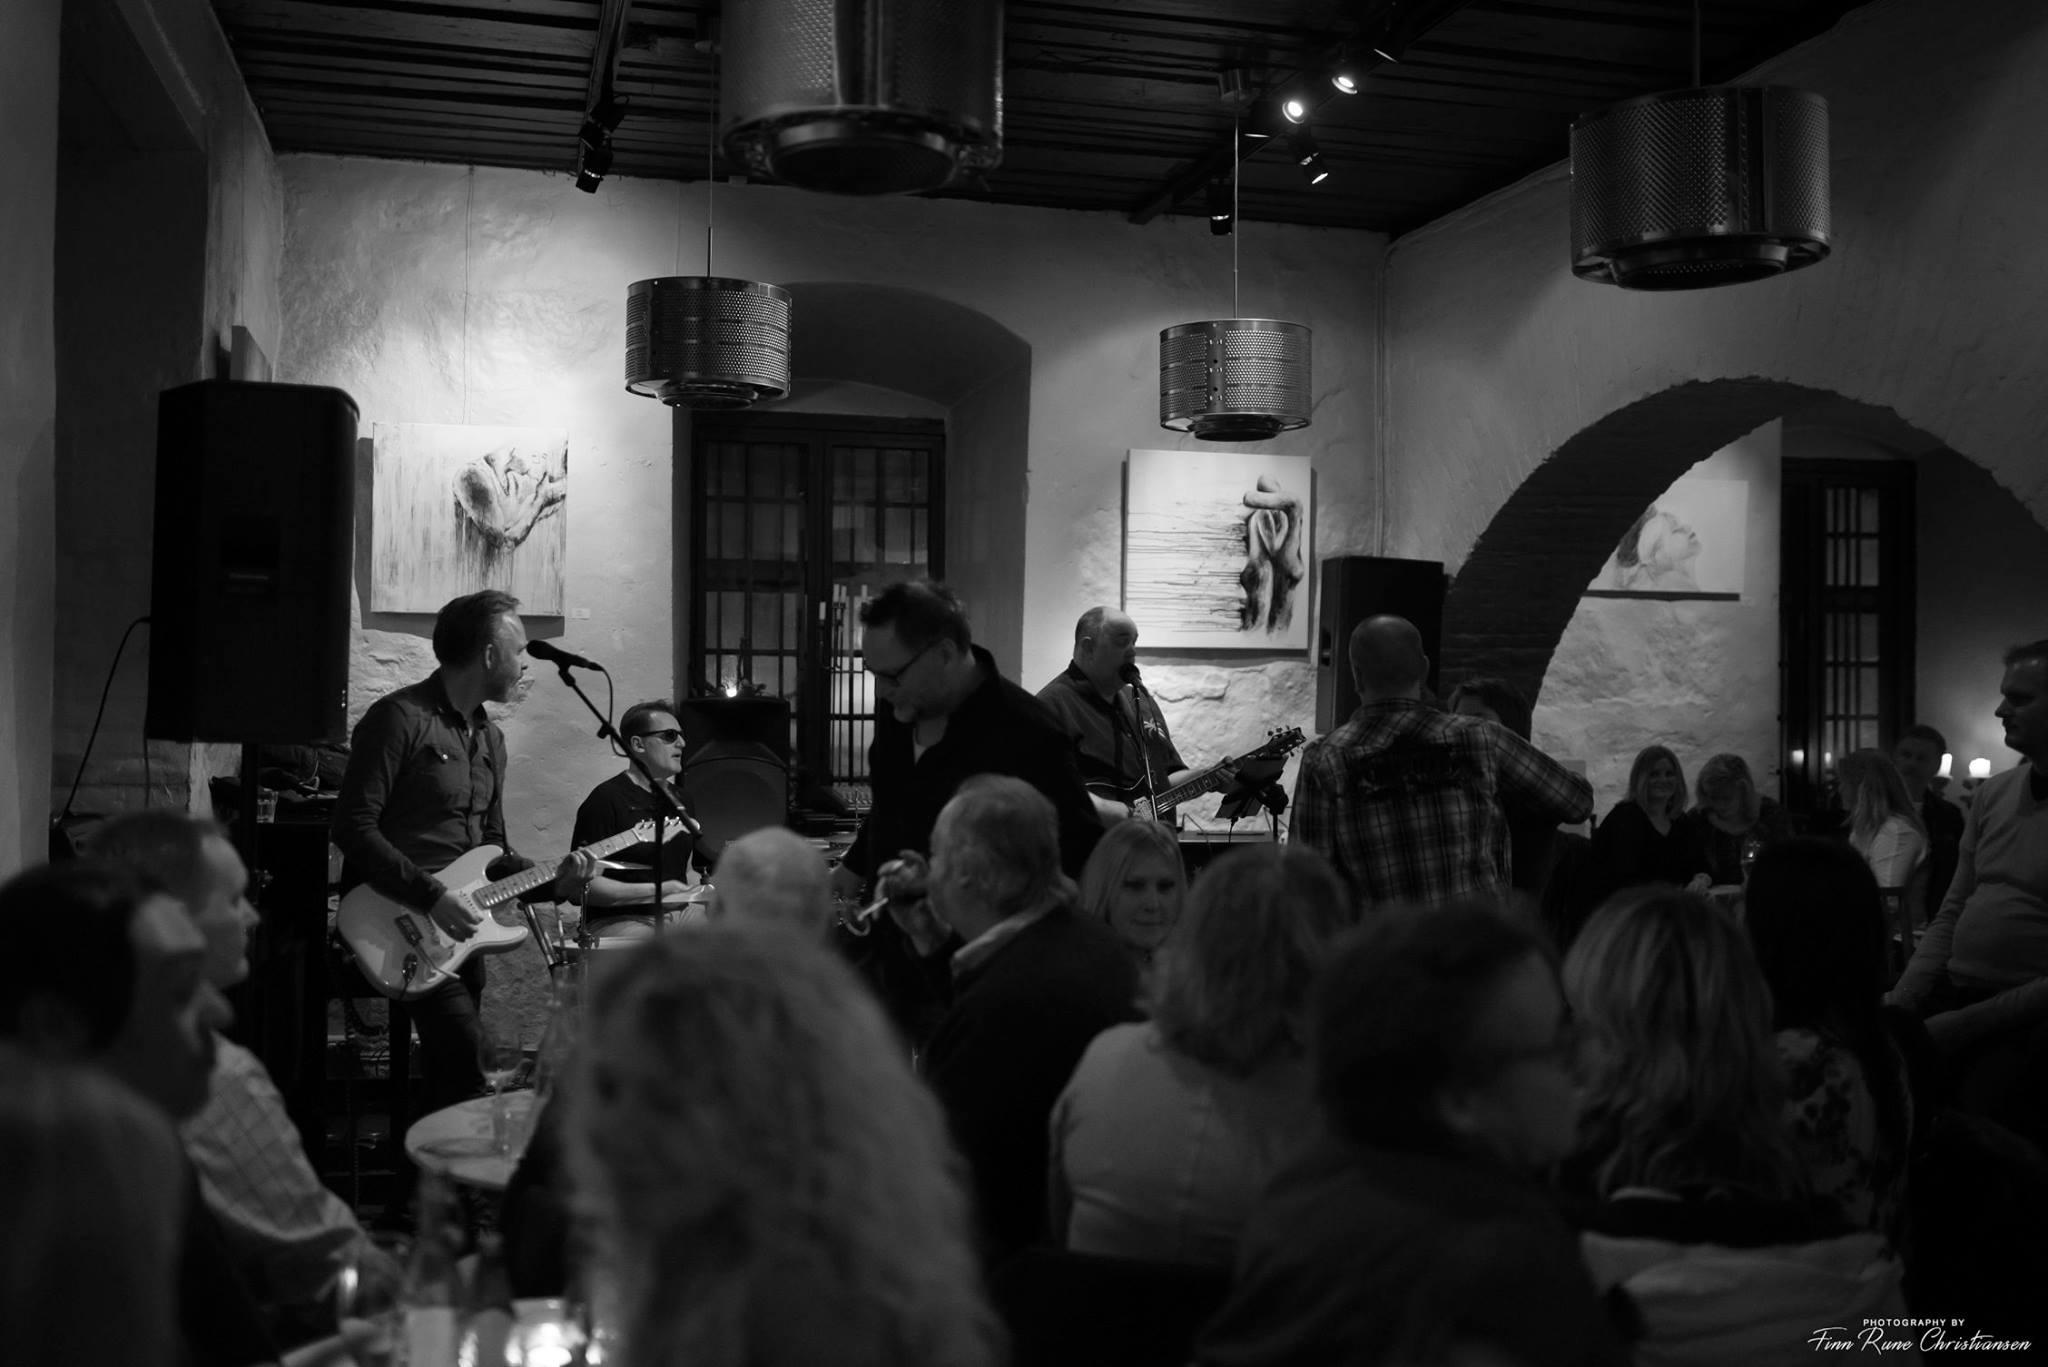 Governors på Cafe Magenta 29. januar 2016